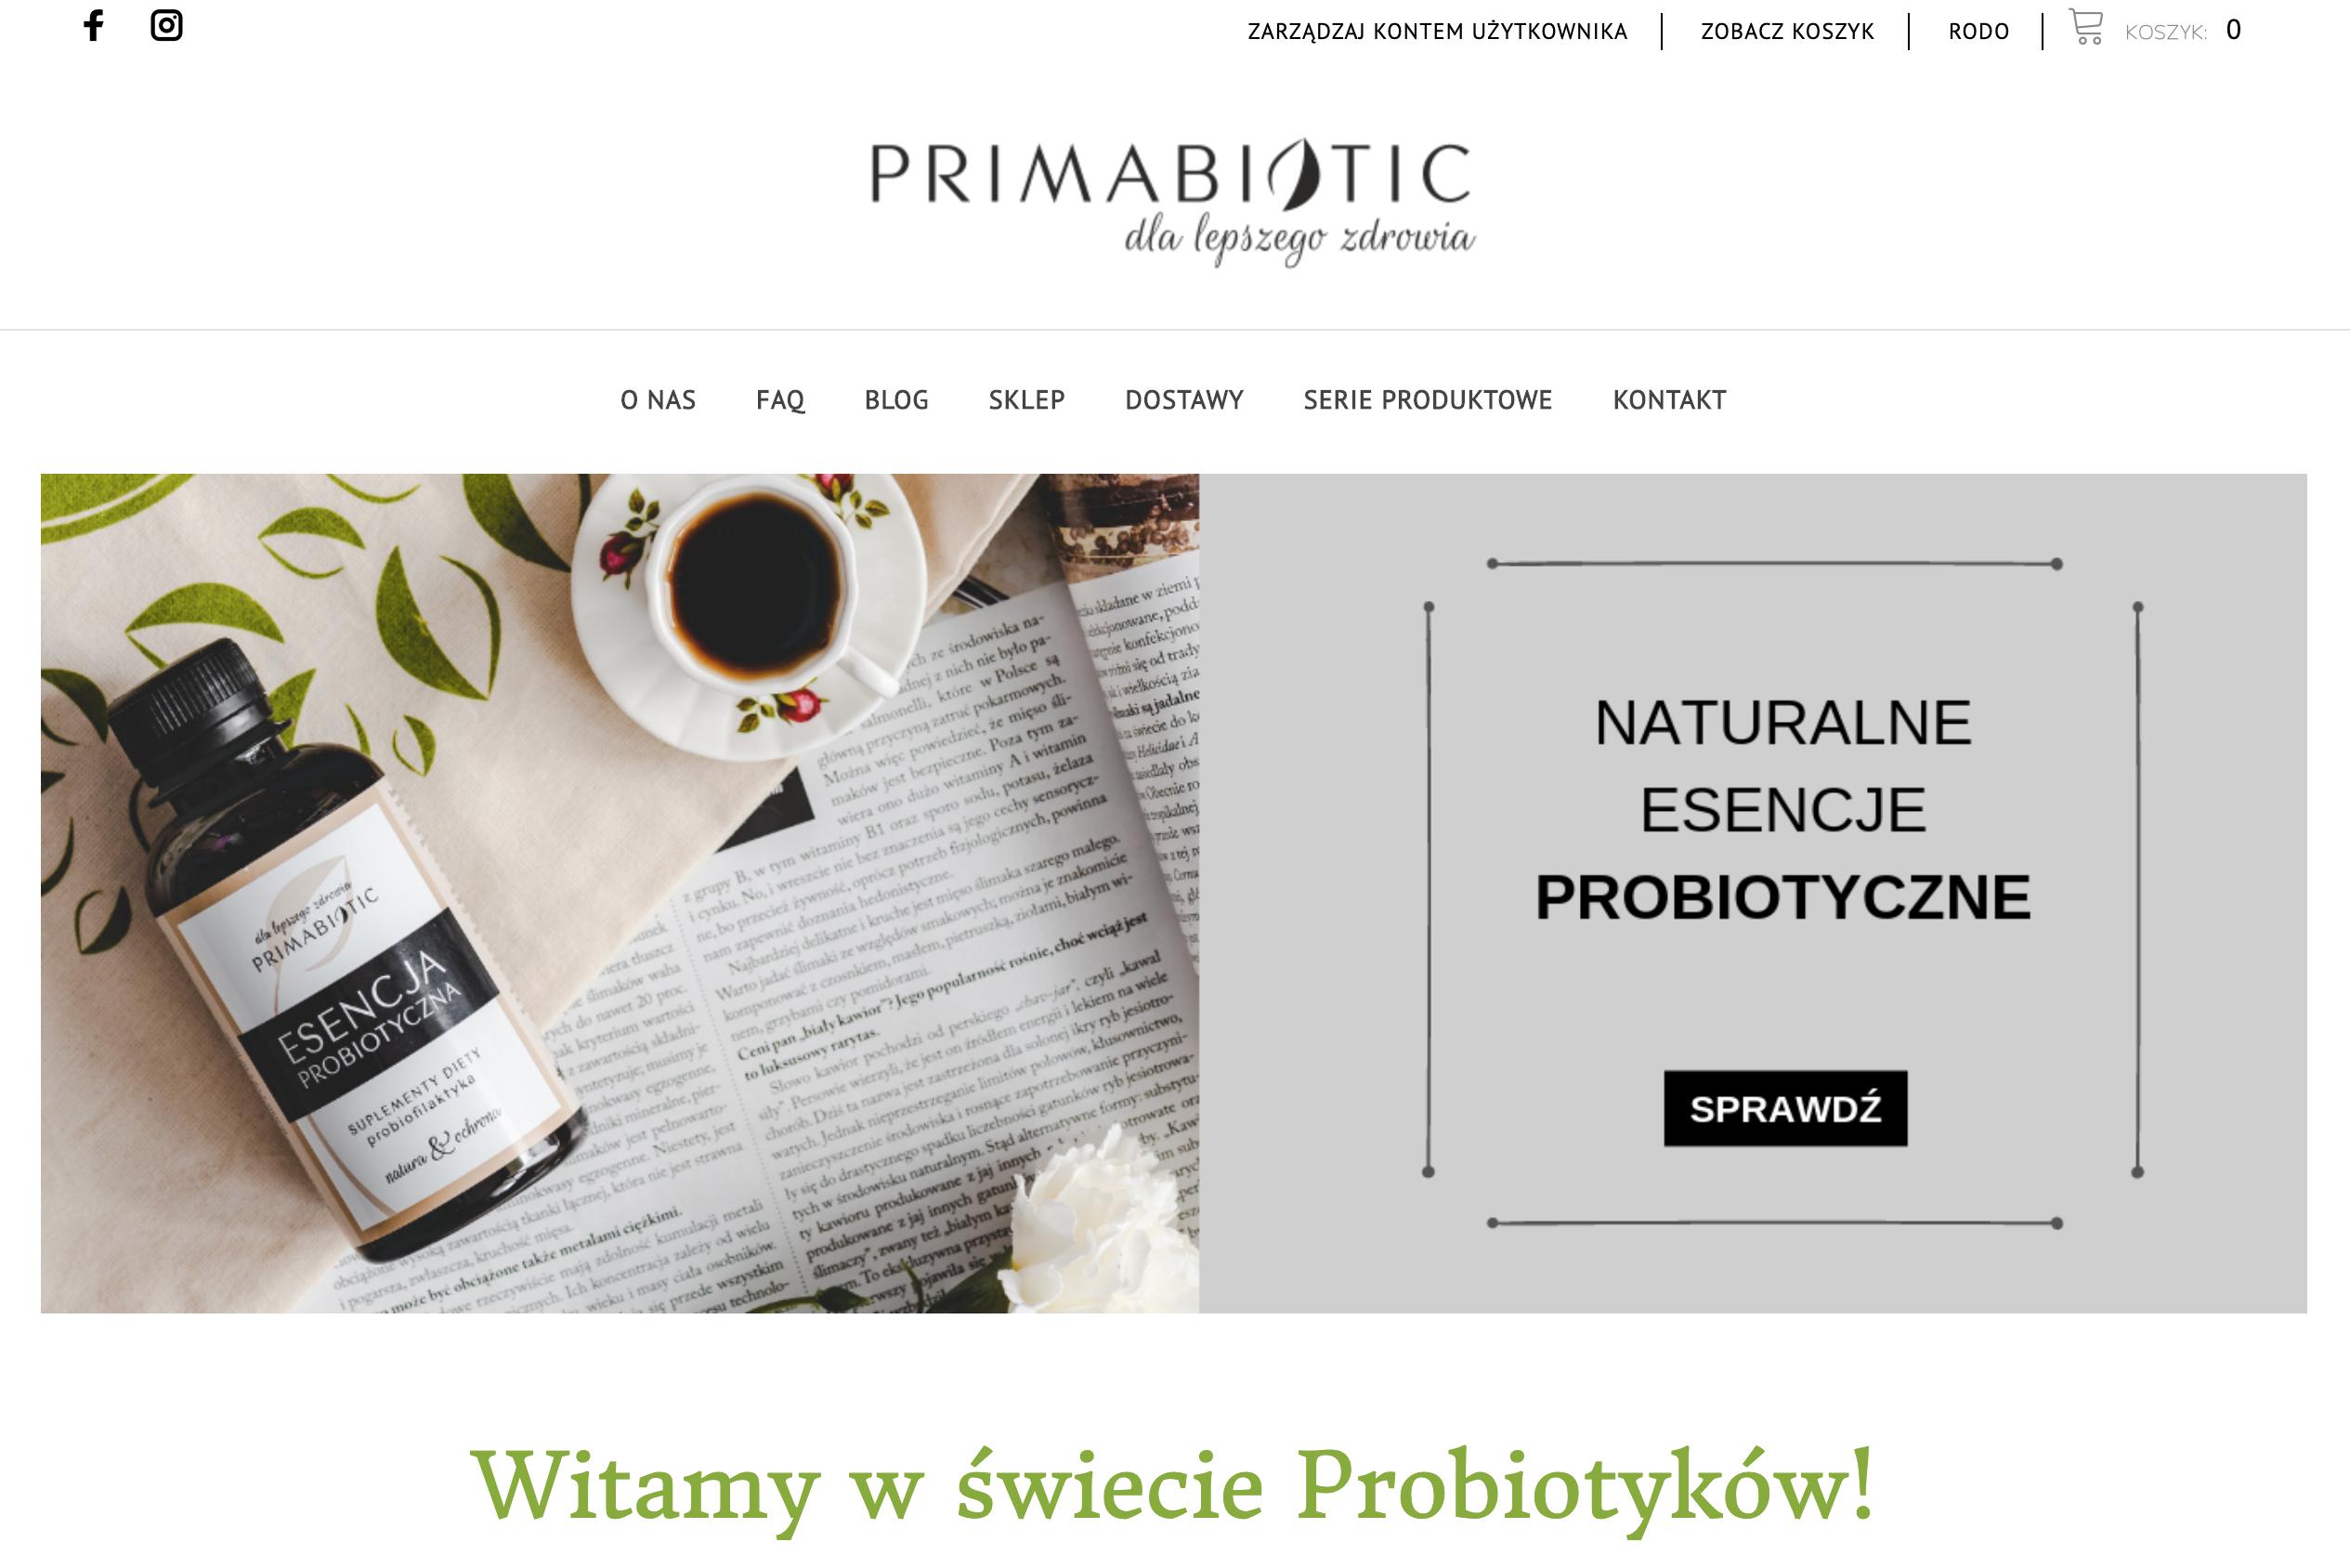 Primabiotic